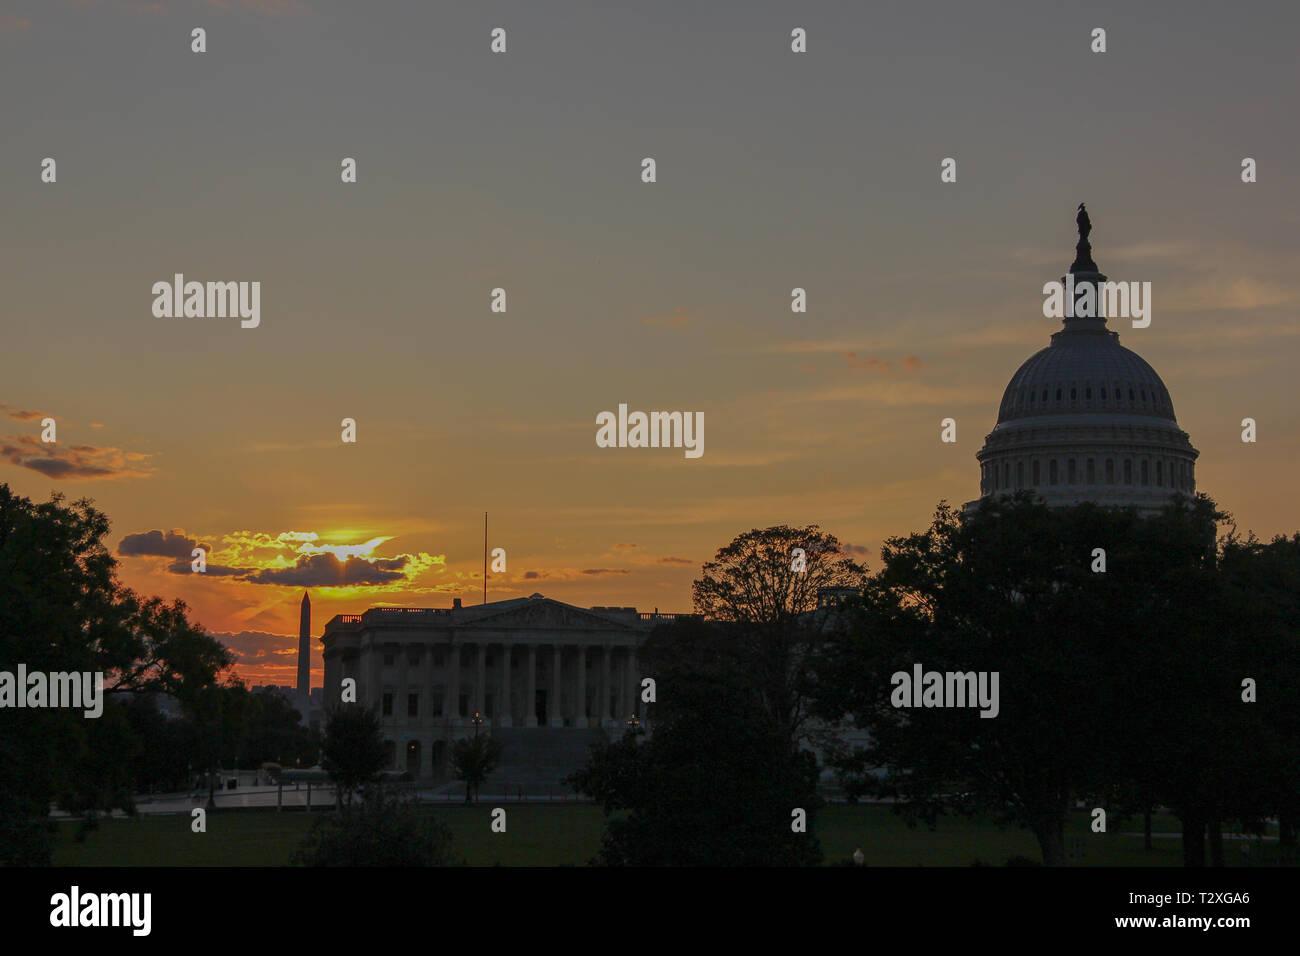 Silhouette von Capitol Hill und Washington Monument in Downtown Washington DC durign Dämmerung in einen Sonnenuntergang mit einigen Wolken Stockbild